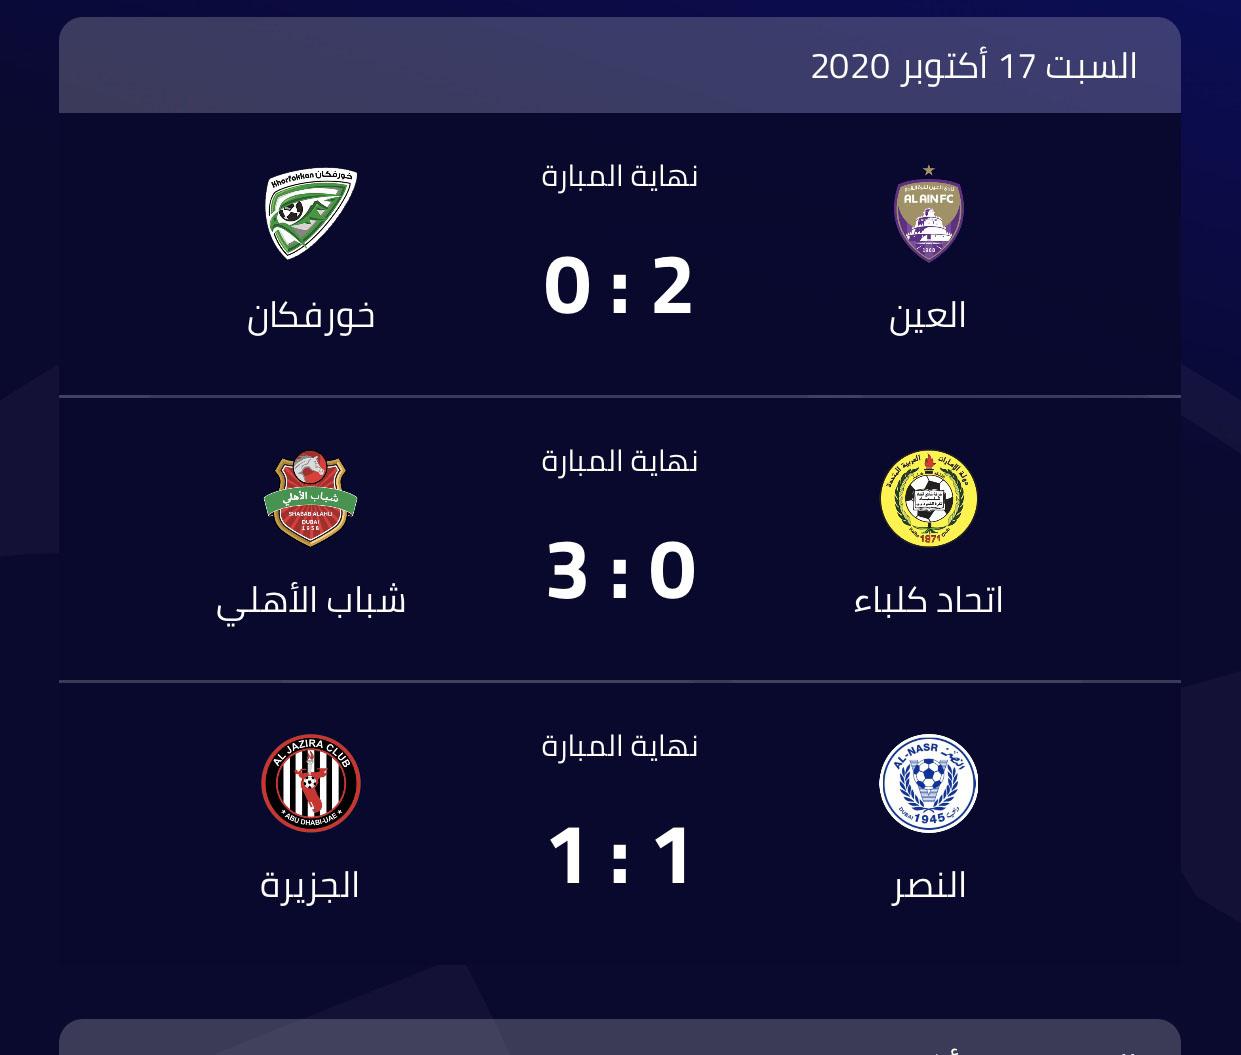 فوز العين وشباب الأهلي وتعادل النصر مع الجزيرة بدوري الخليج العربي